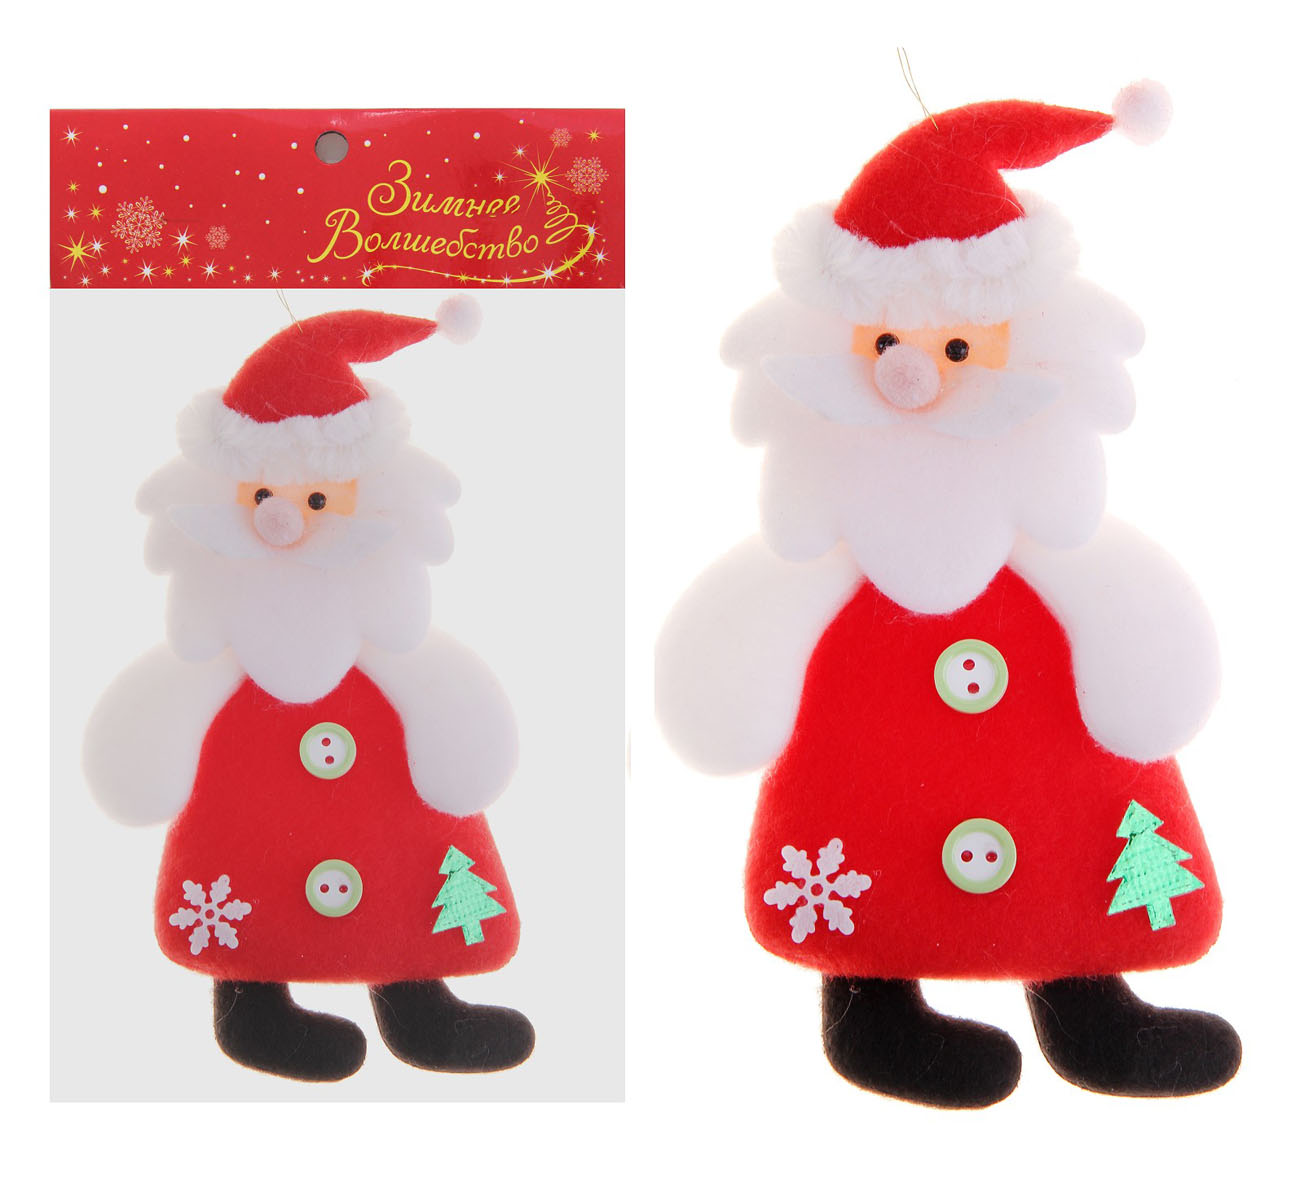 """Новогоднее украшение Sima-land """"Дед Мороз с елочкой"""" прекрасно подойдет для праздничного декора вашего дома. Сувенир выполнен в виде текстильной фигурки Деда Мороза, который украшен красивыми пуговицами, елочкой и снежинкой. Изделие оснащено текстильной петелькой для подвешивания. Такая оригинальная фигурка оформит интерьер вашего дома или офиса в преддверии Нового года. Оригинальный дизайн и красочное исполнение создадут праздничное настроение. Кроме того, это отличный вариант подарка для ваших близких и друзей.    Материал: пластик, текстиль."""